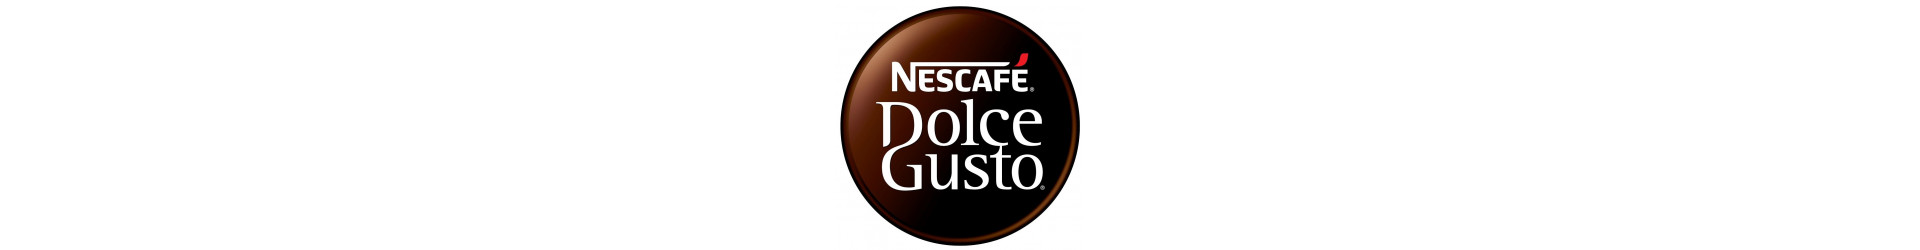 Originali Nescafè